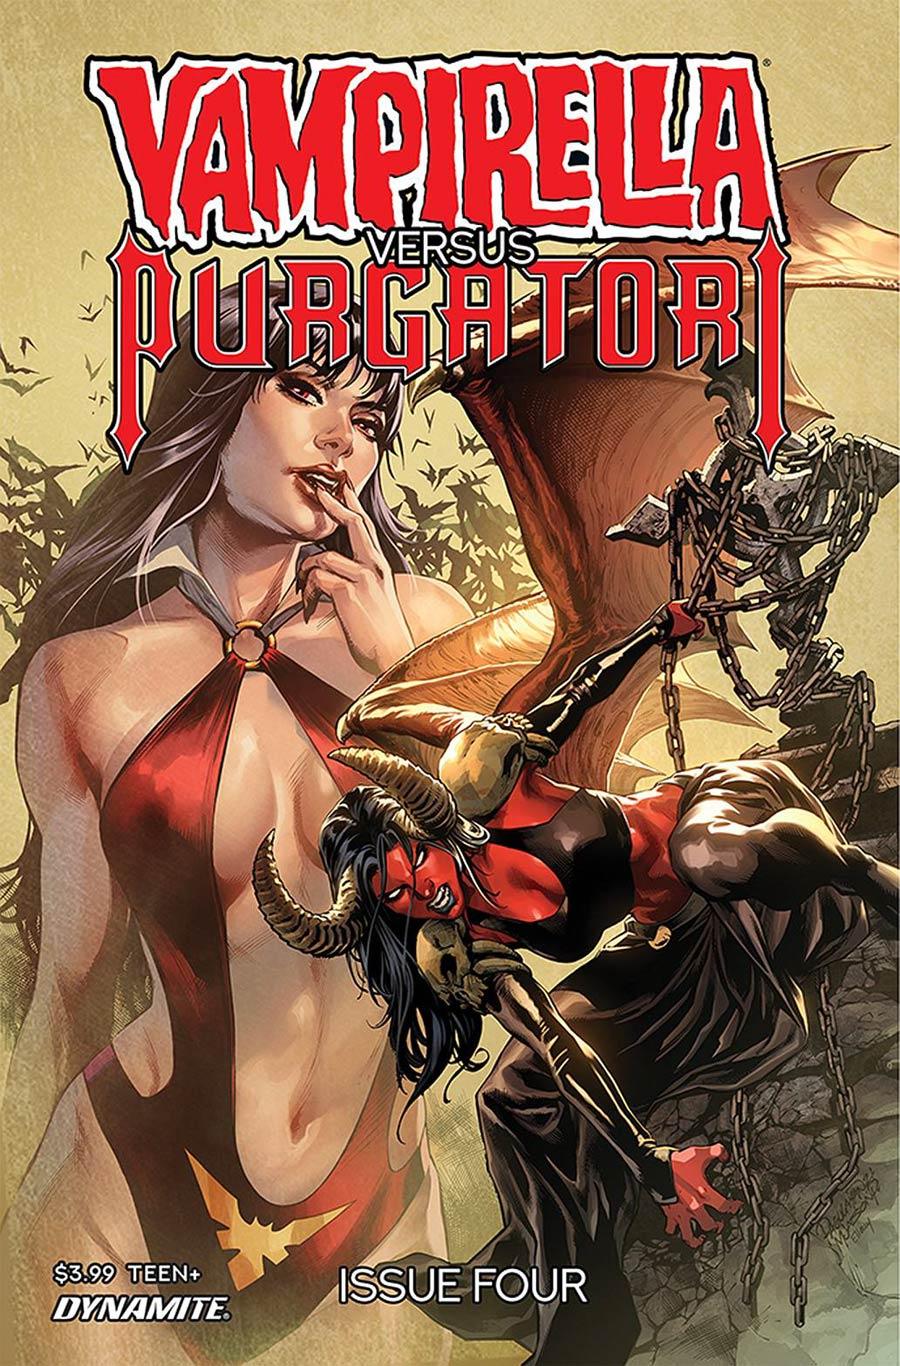 Vampirella vs Purgatori #4 Cover B Variant Carlo Pagulayan Cover